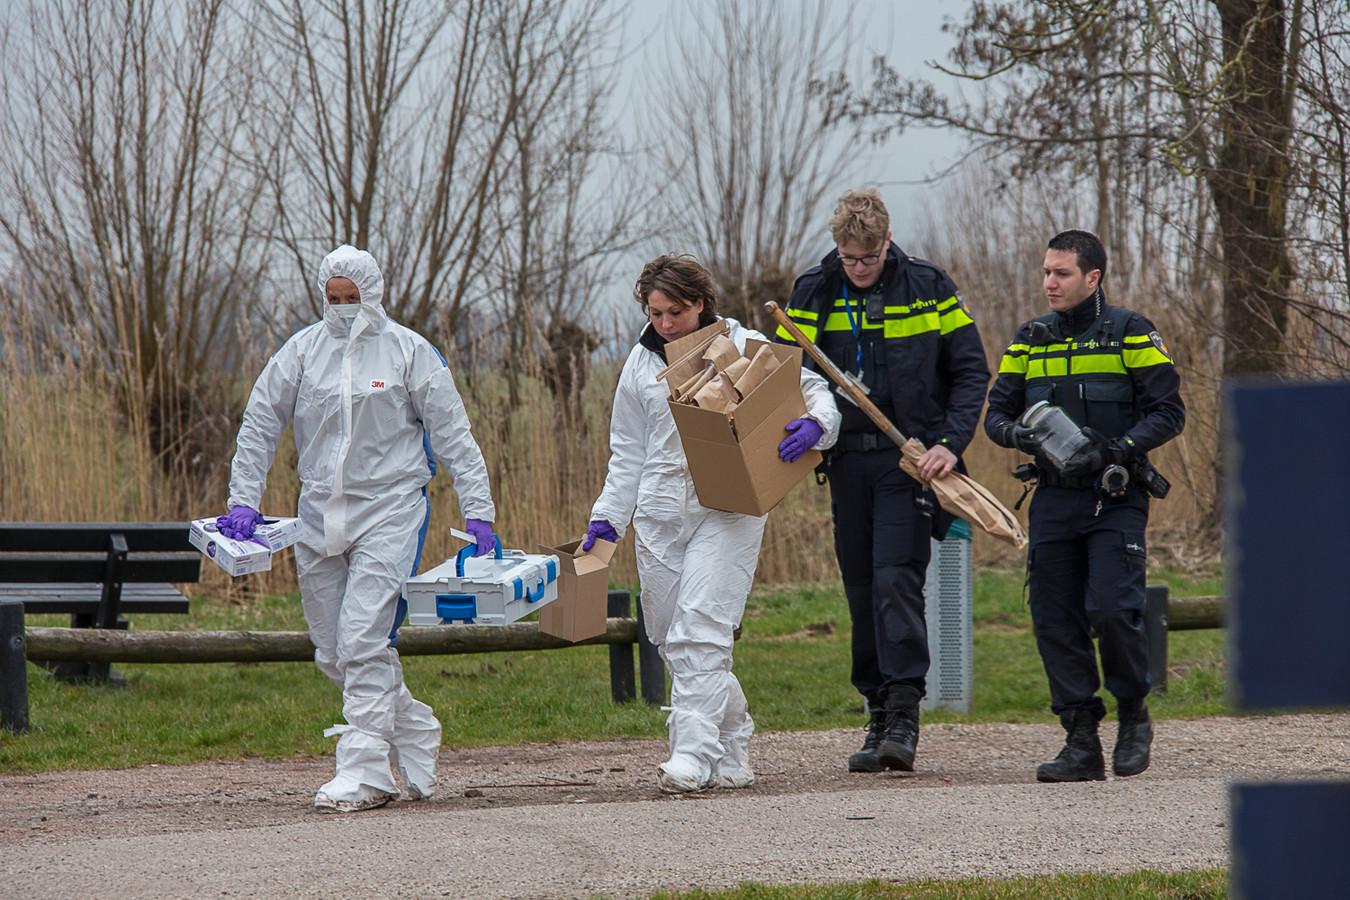 Rechercheurs aan de Bosdijk bij Nieuwer Ter Aa, waar S. met zijn slachtoffer heen zou zijn gereden.